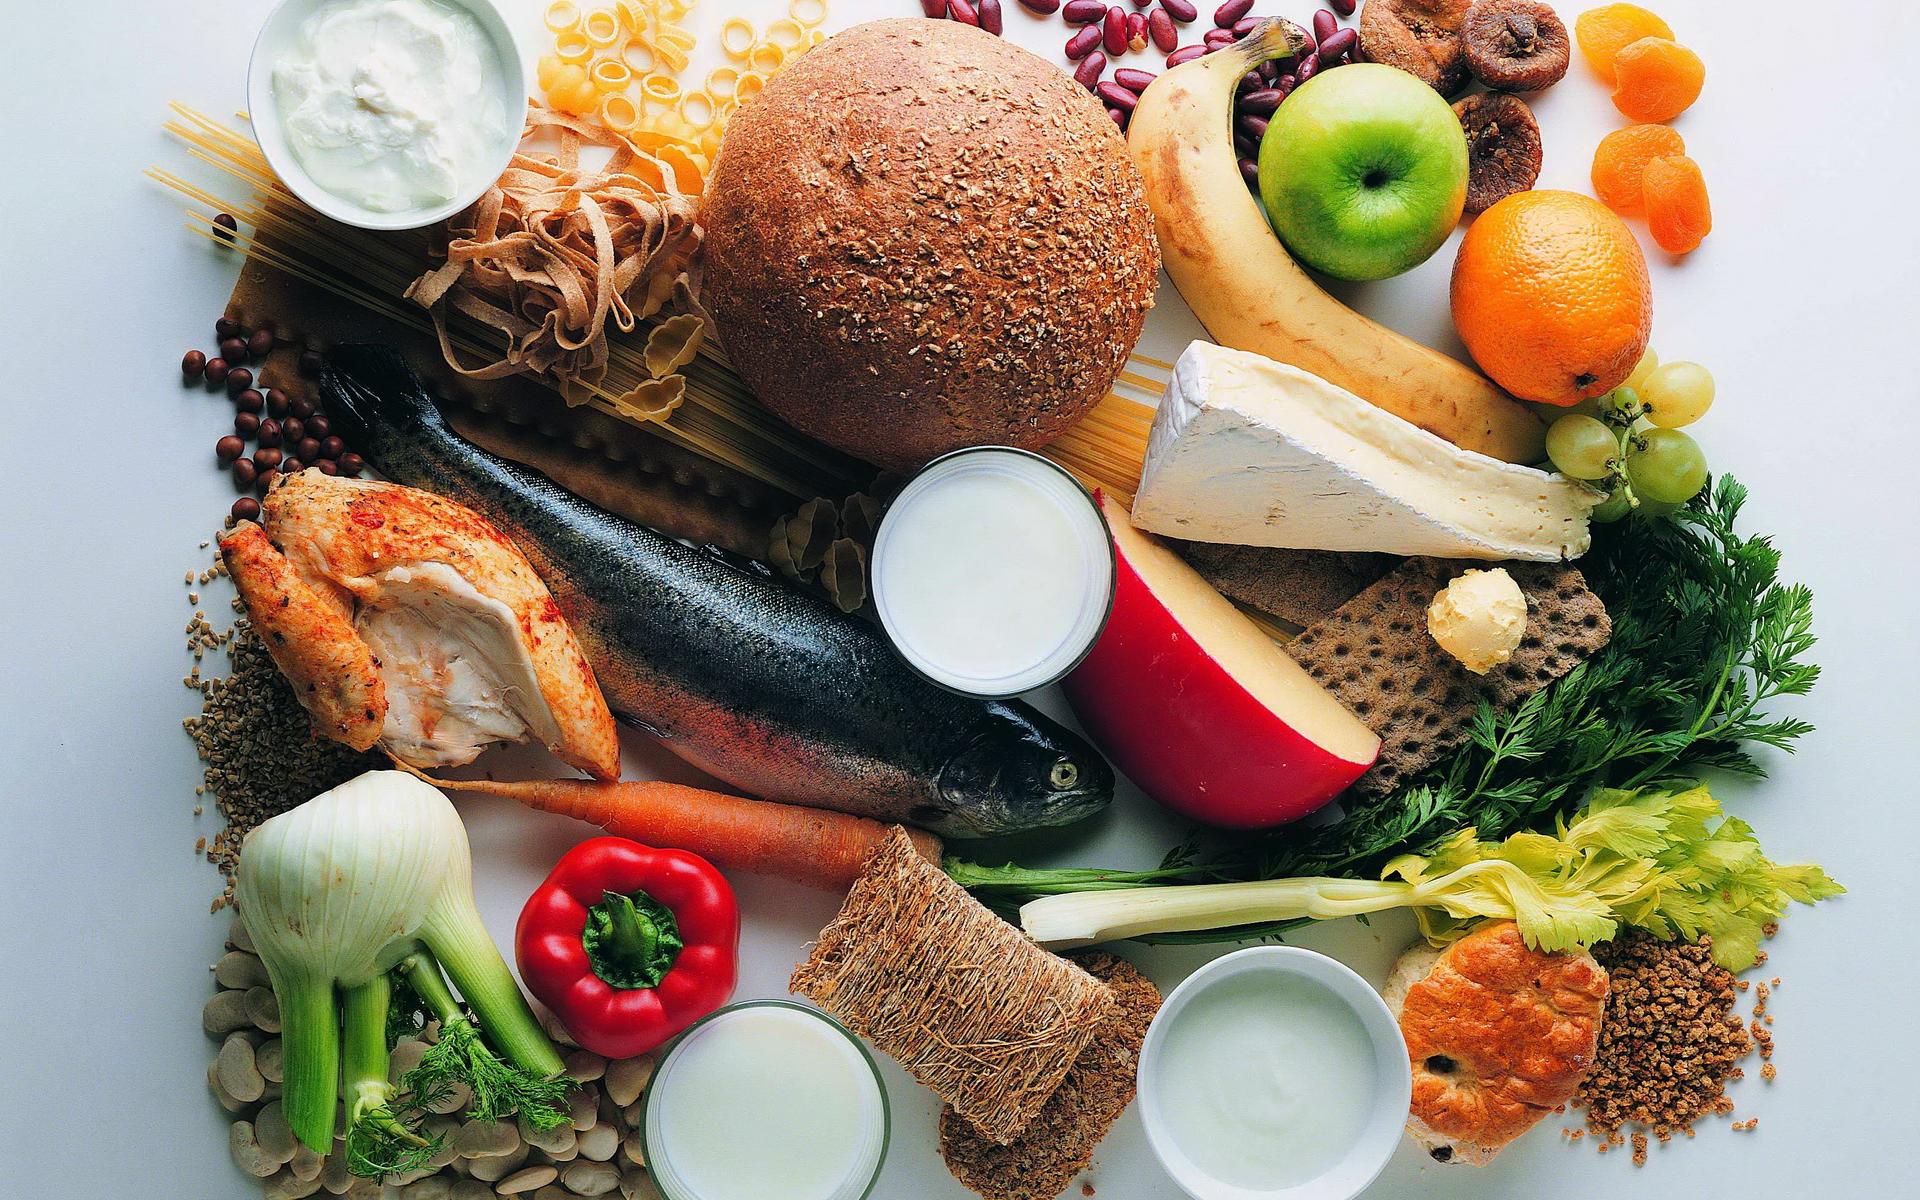 пищевые продукты диетического питания